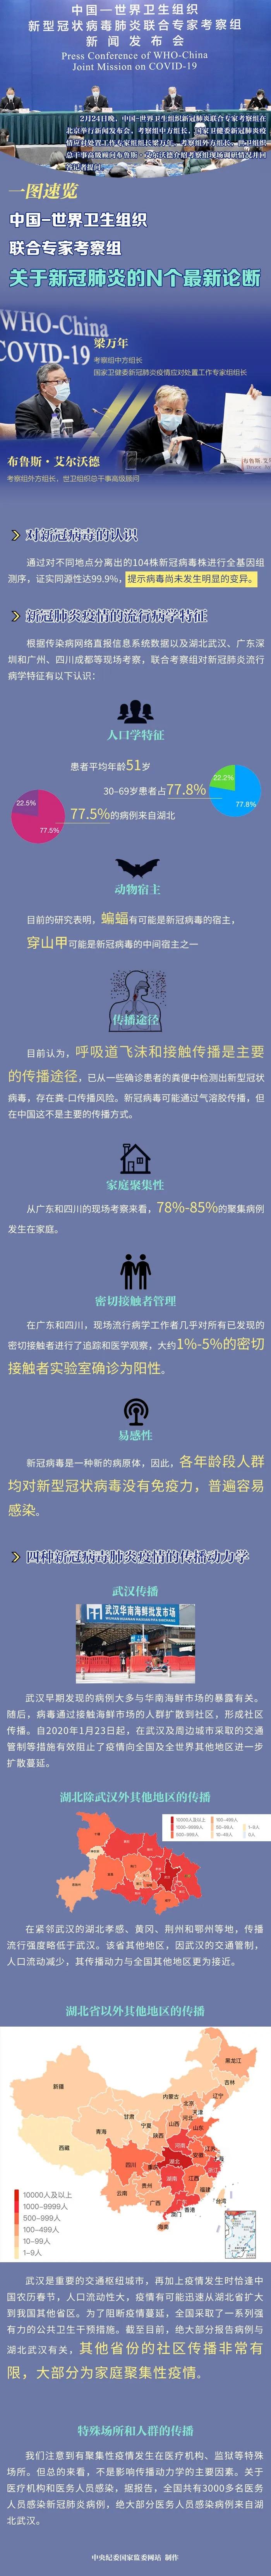 银保监会再出手:中国信达因违规收购、掩盖风险被罚910万